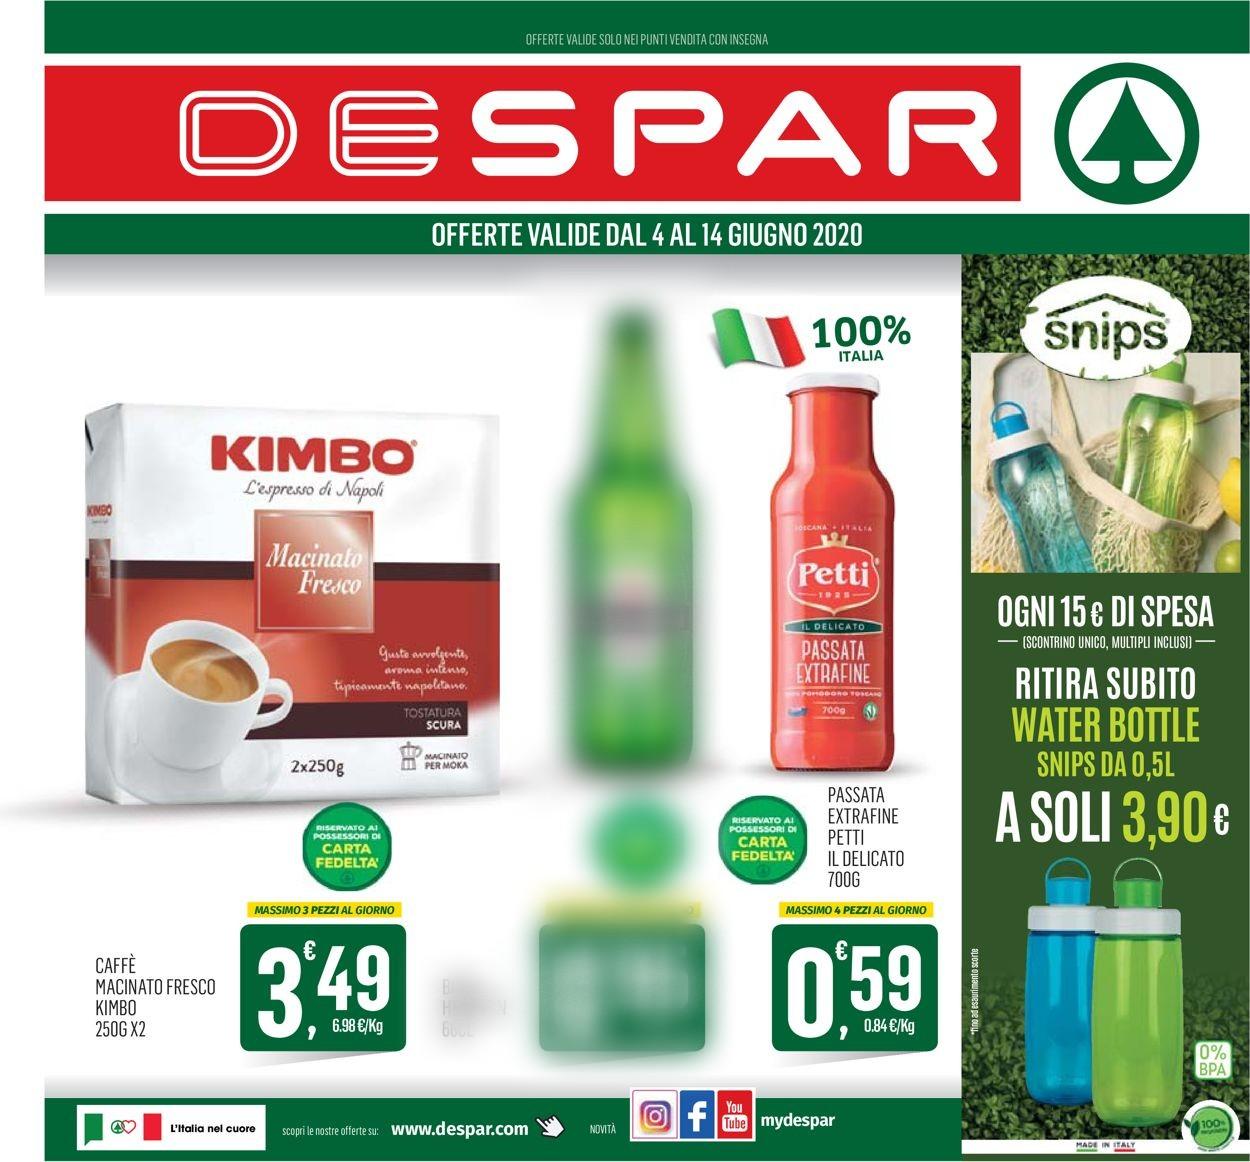 Volantino Despar - Offerte 03/06-14/06/2020